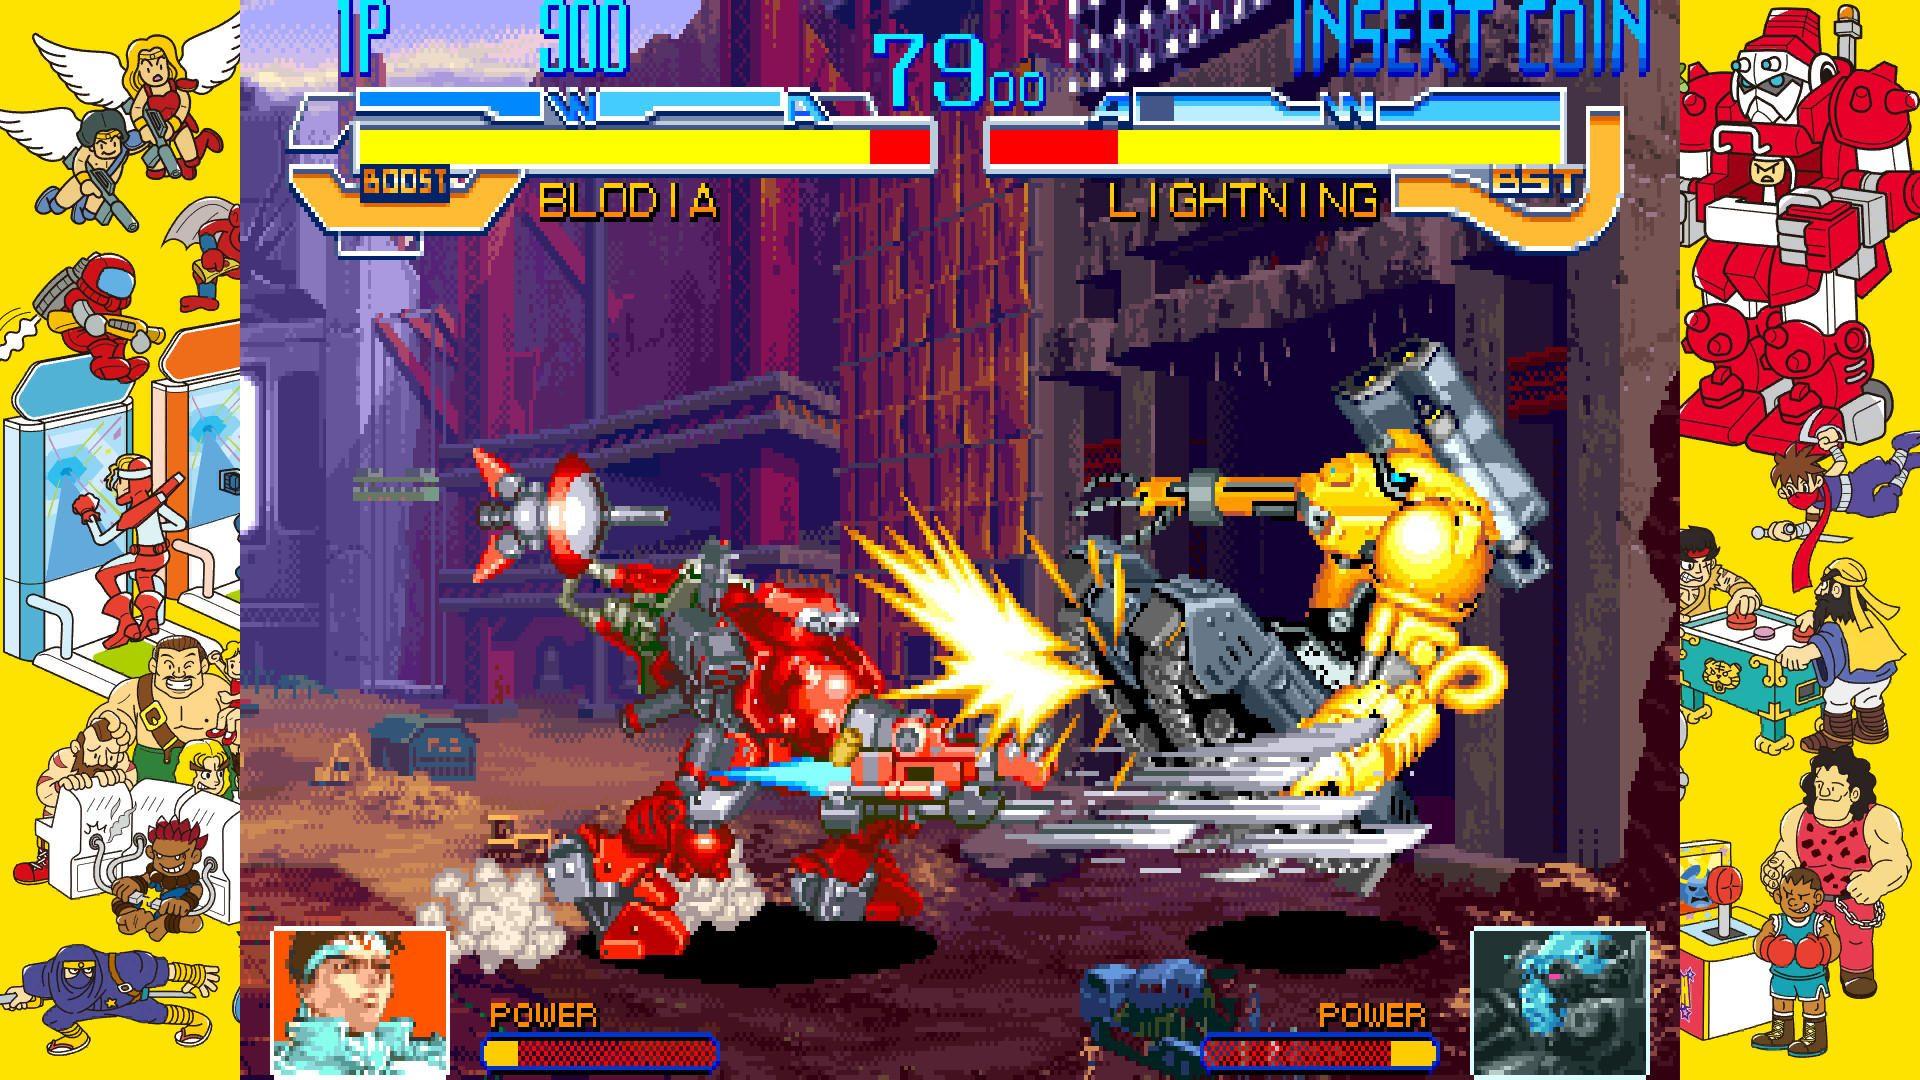 capcom arcade stadium - generacion xbox